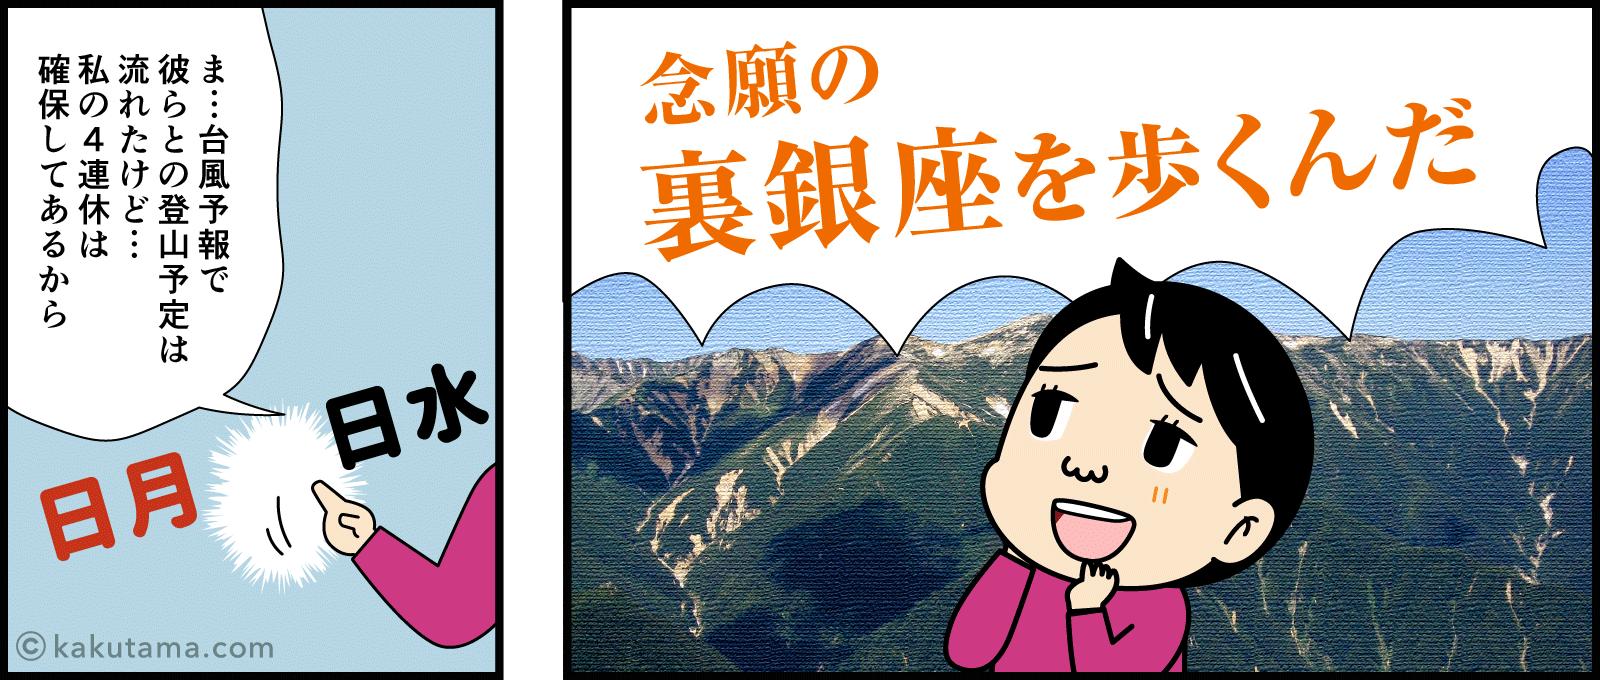 裏銀座を歩くことにした漫画